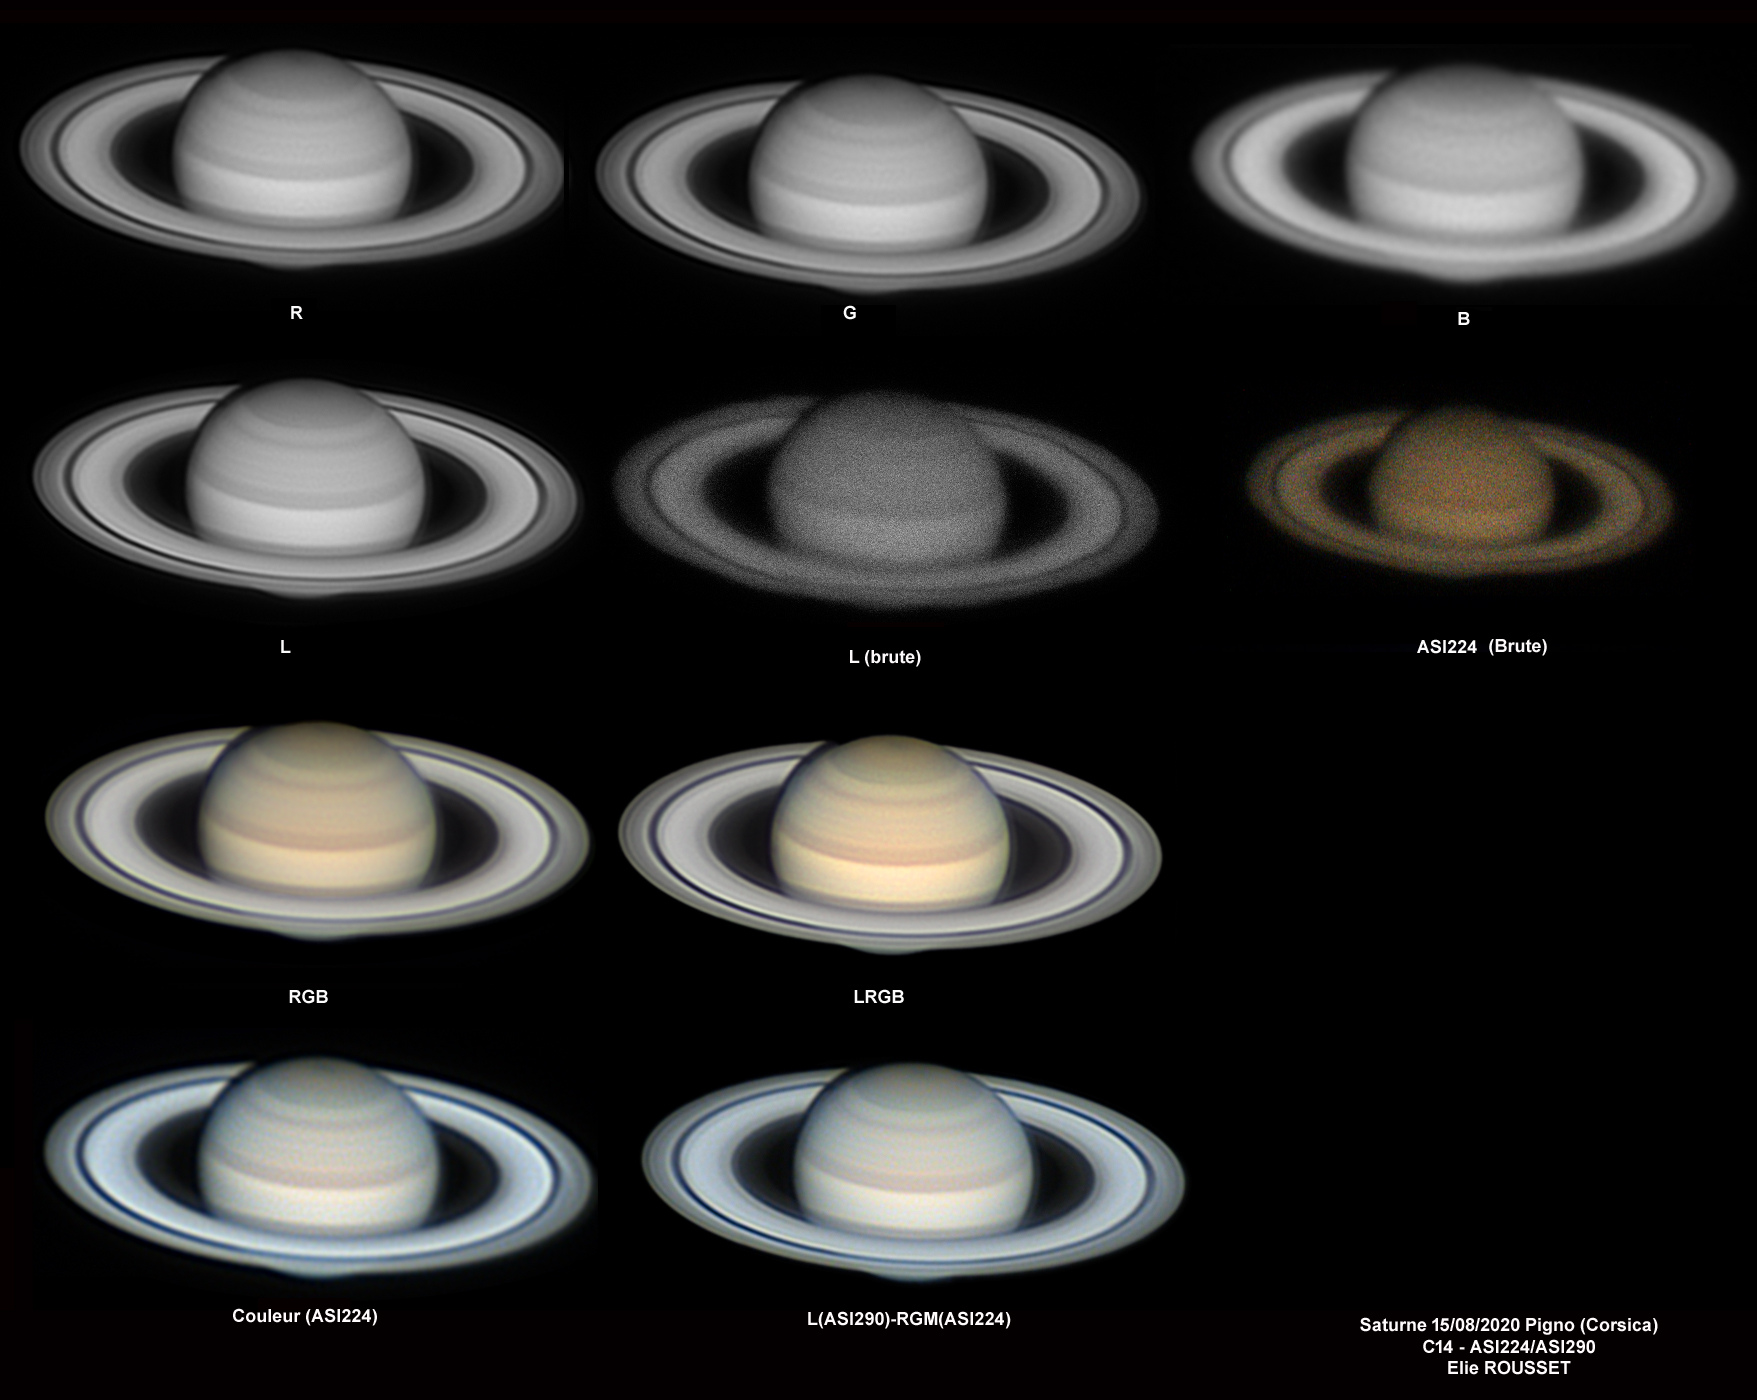 large.Saturne-15-08-2020-Pigno-Pl.jpg.5e30e036be9e2287a1f3b0f42b71ae10.jpg